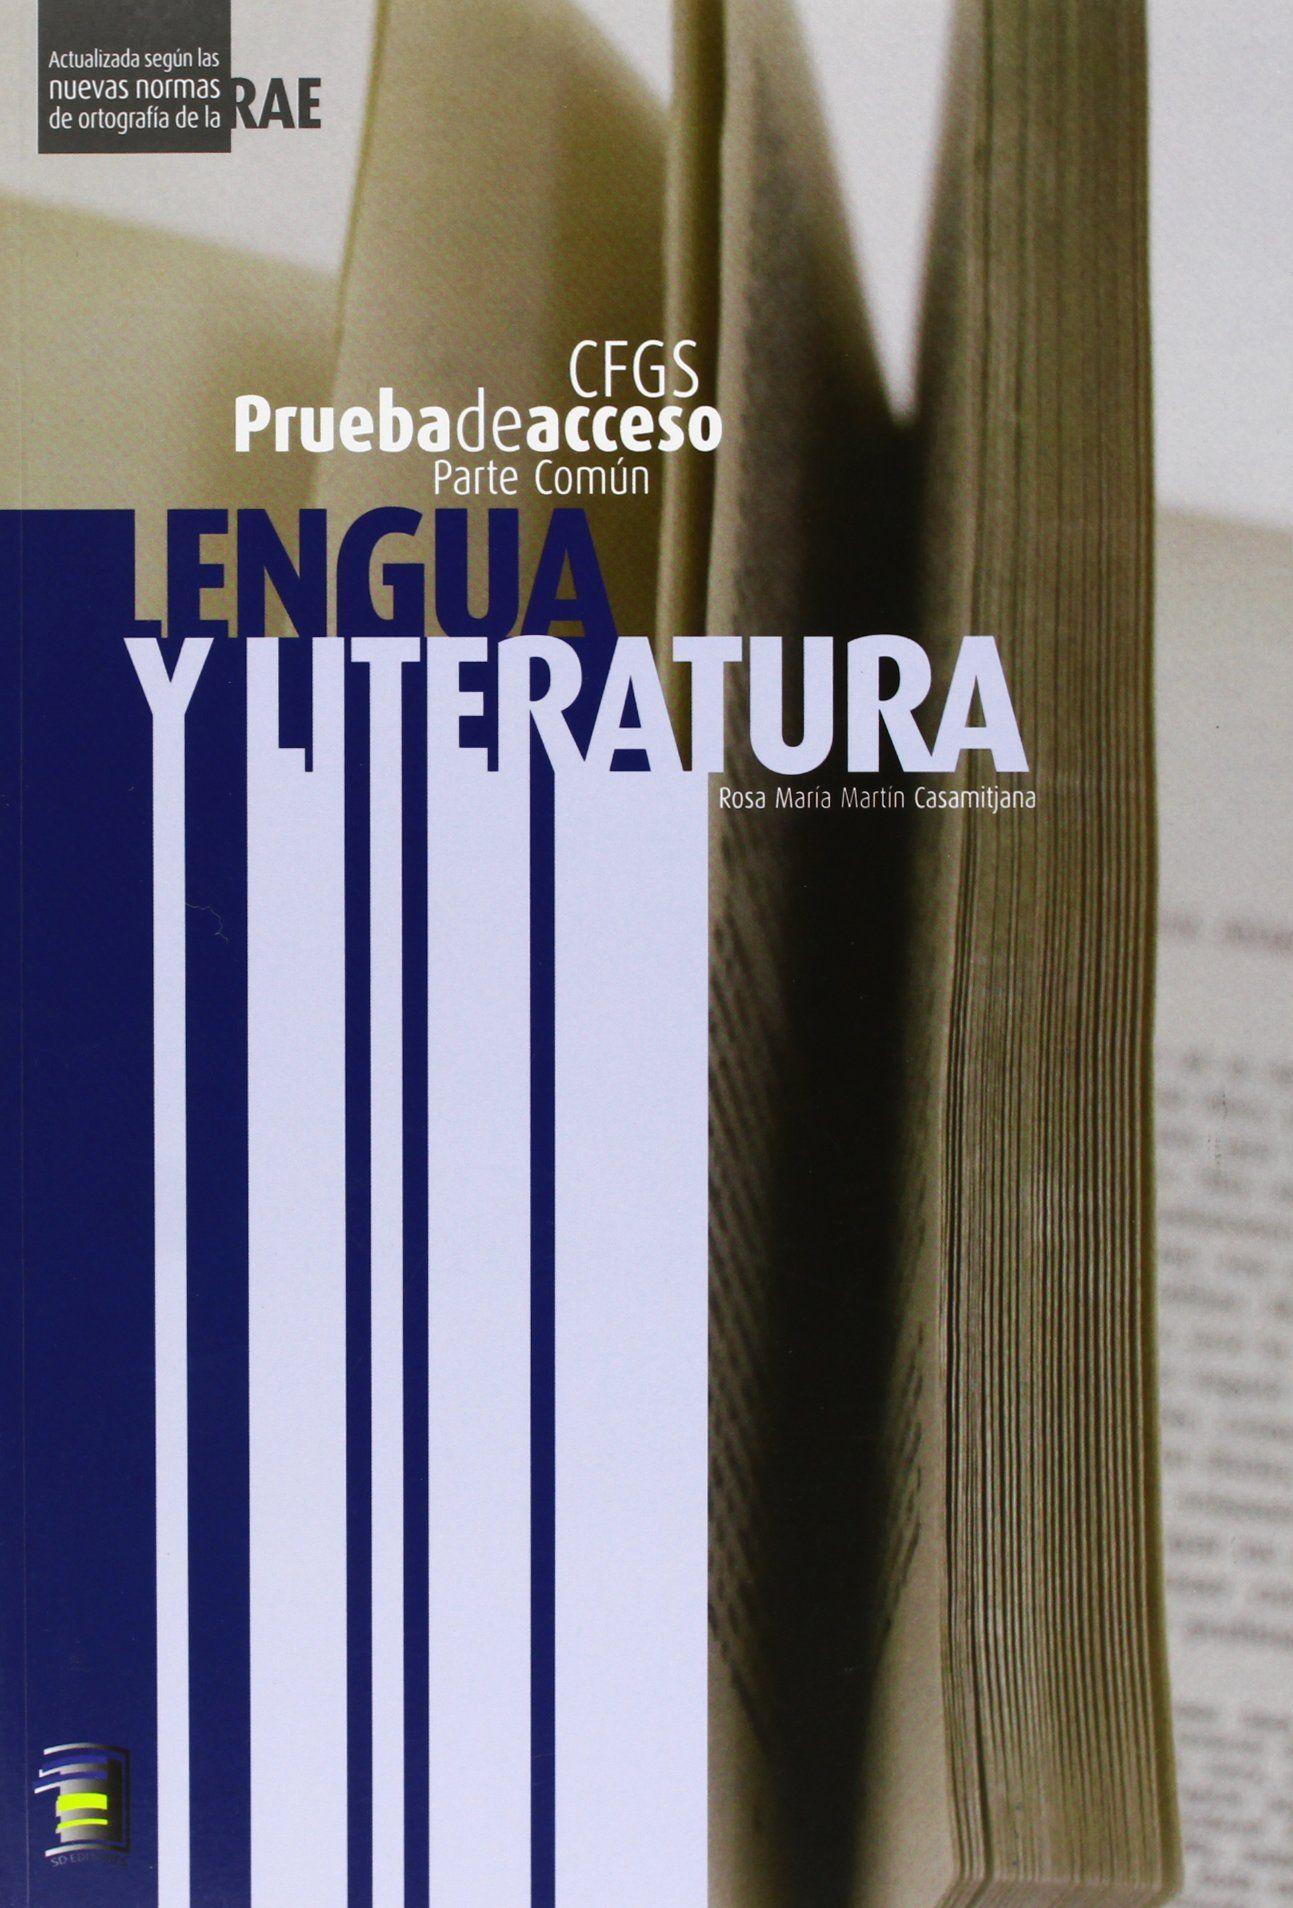 LENGUA Y LITERATURA, PRUEBA DE ACCESO A CICLO FORMATIVO DE GRADO SUPERIOR (CFGS)